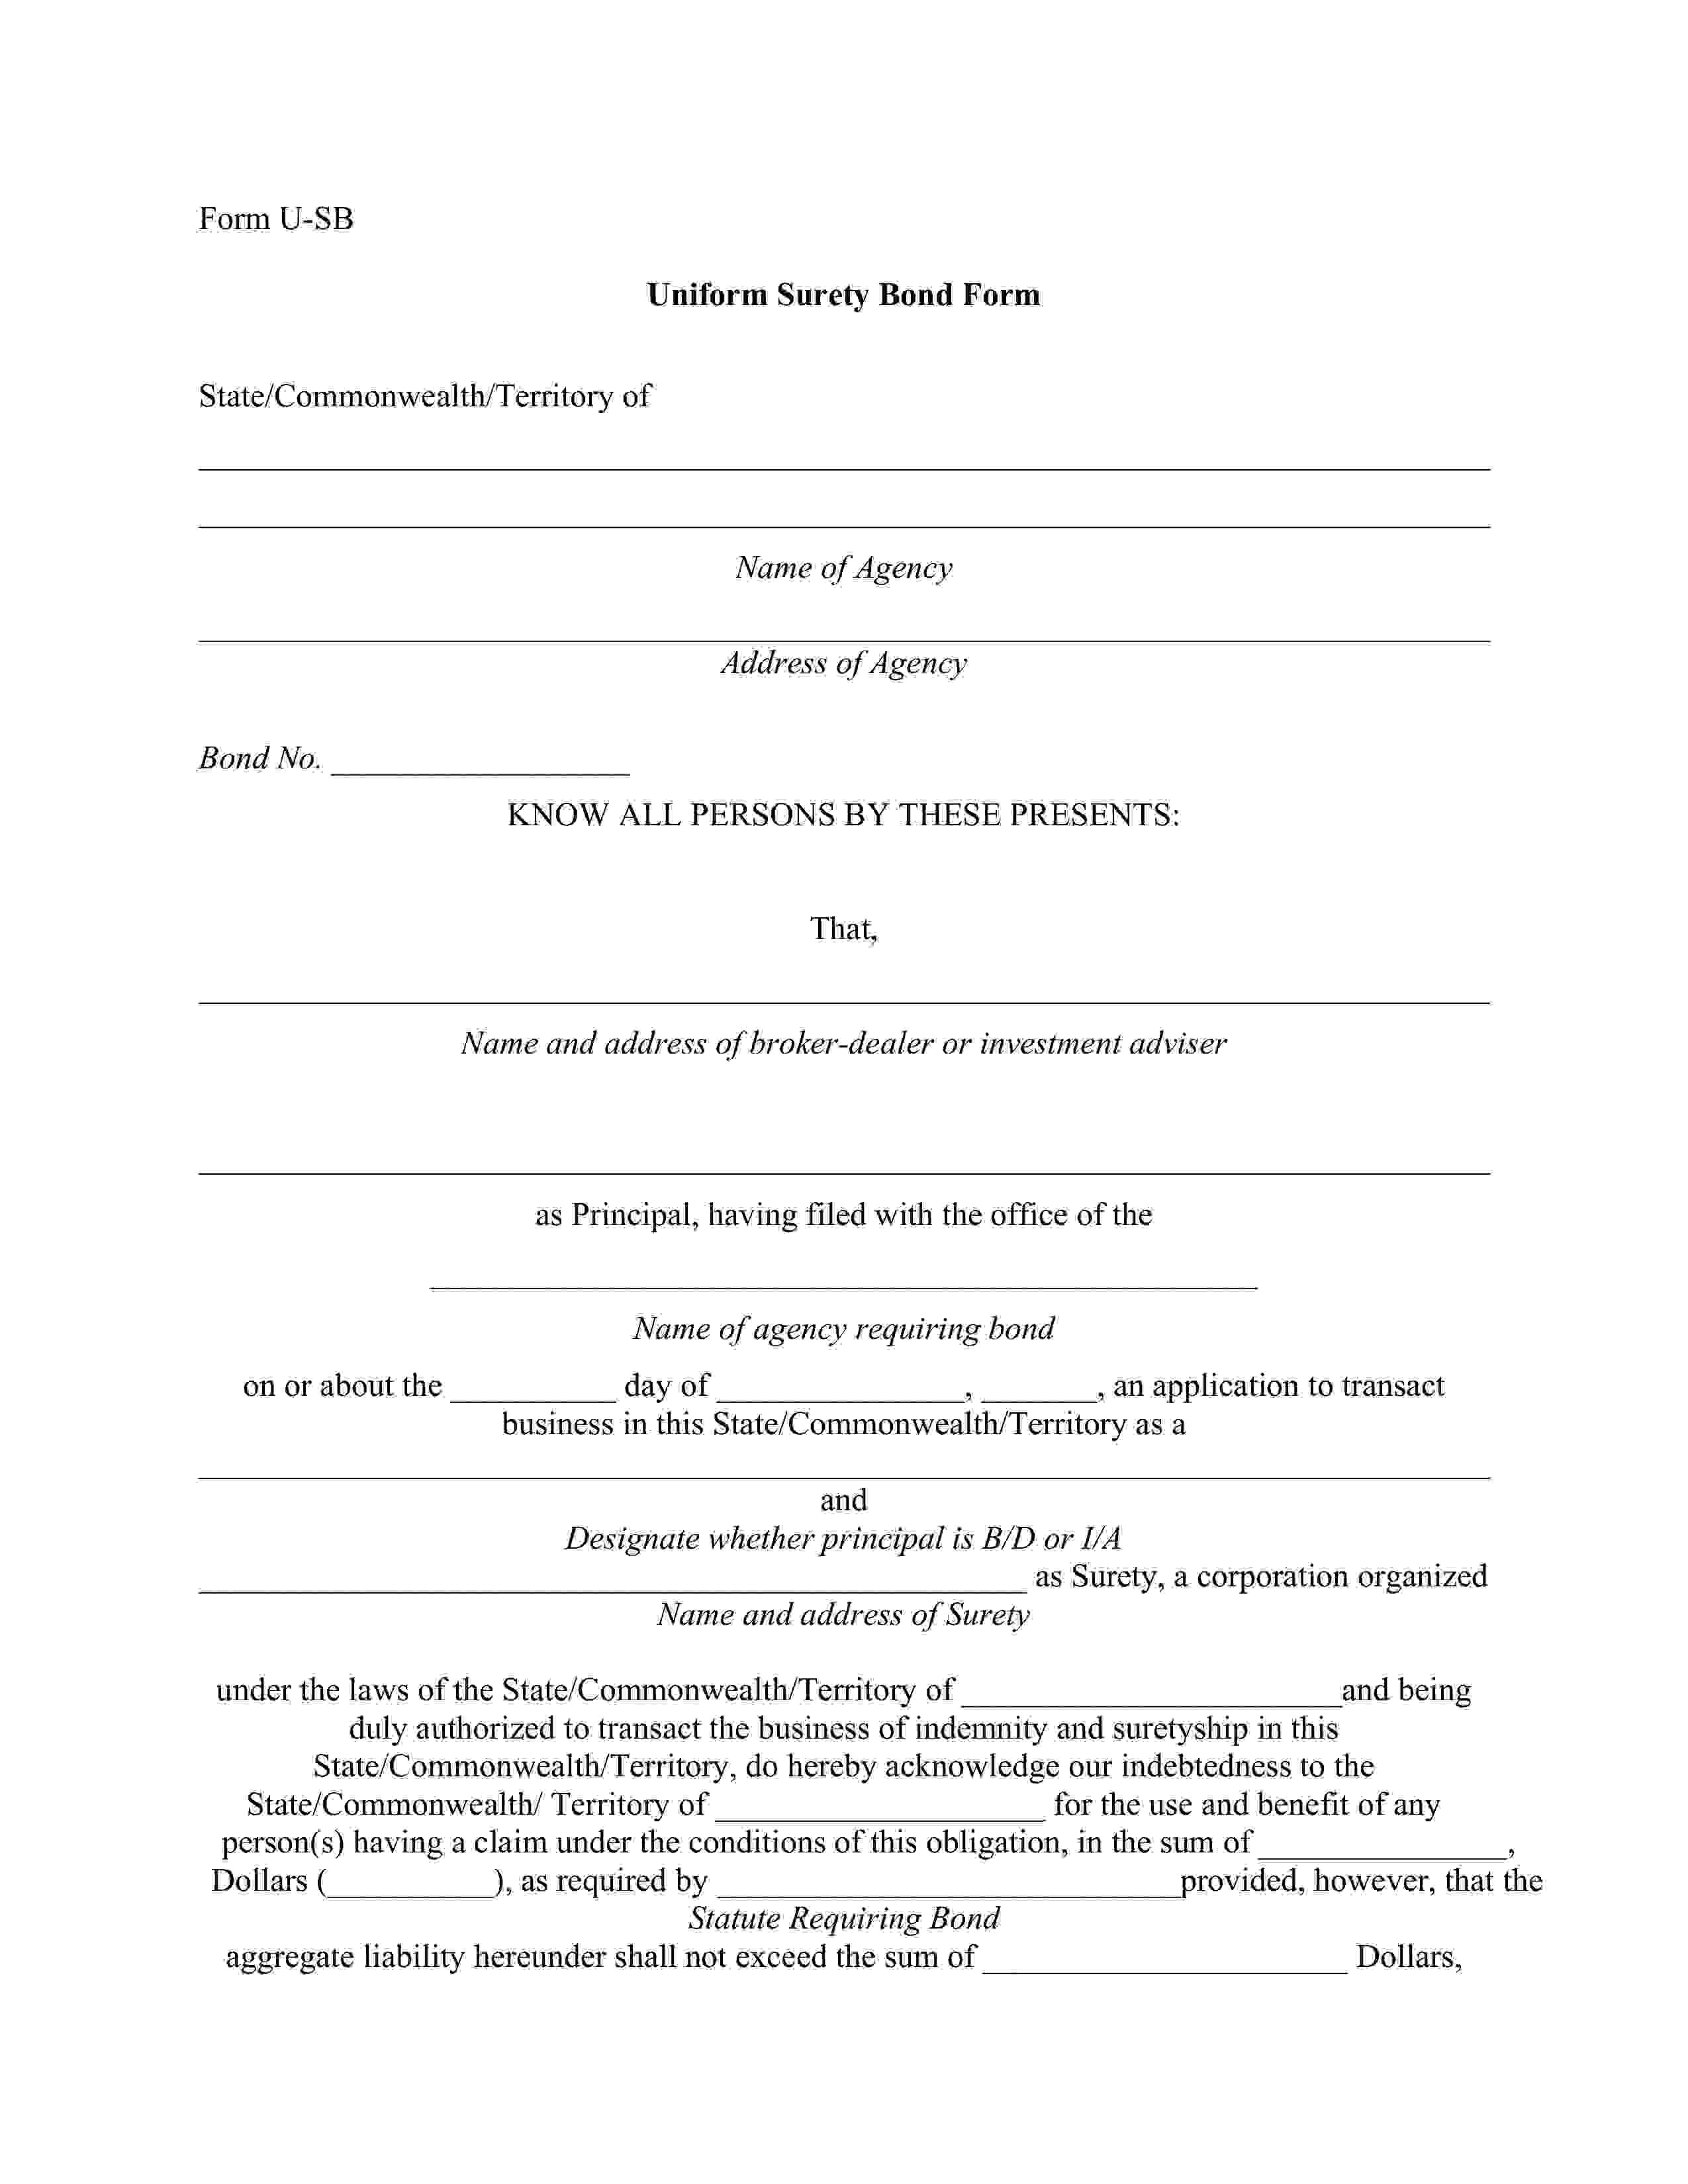 Alabama Securities Commission Blue Sky Broker-Dealer sample image